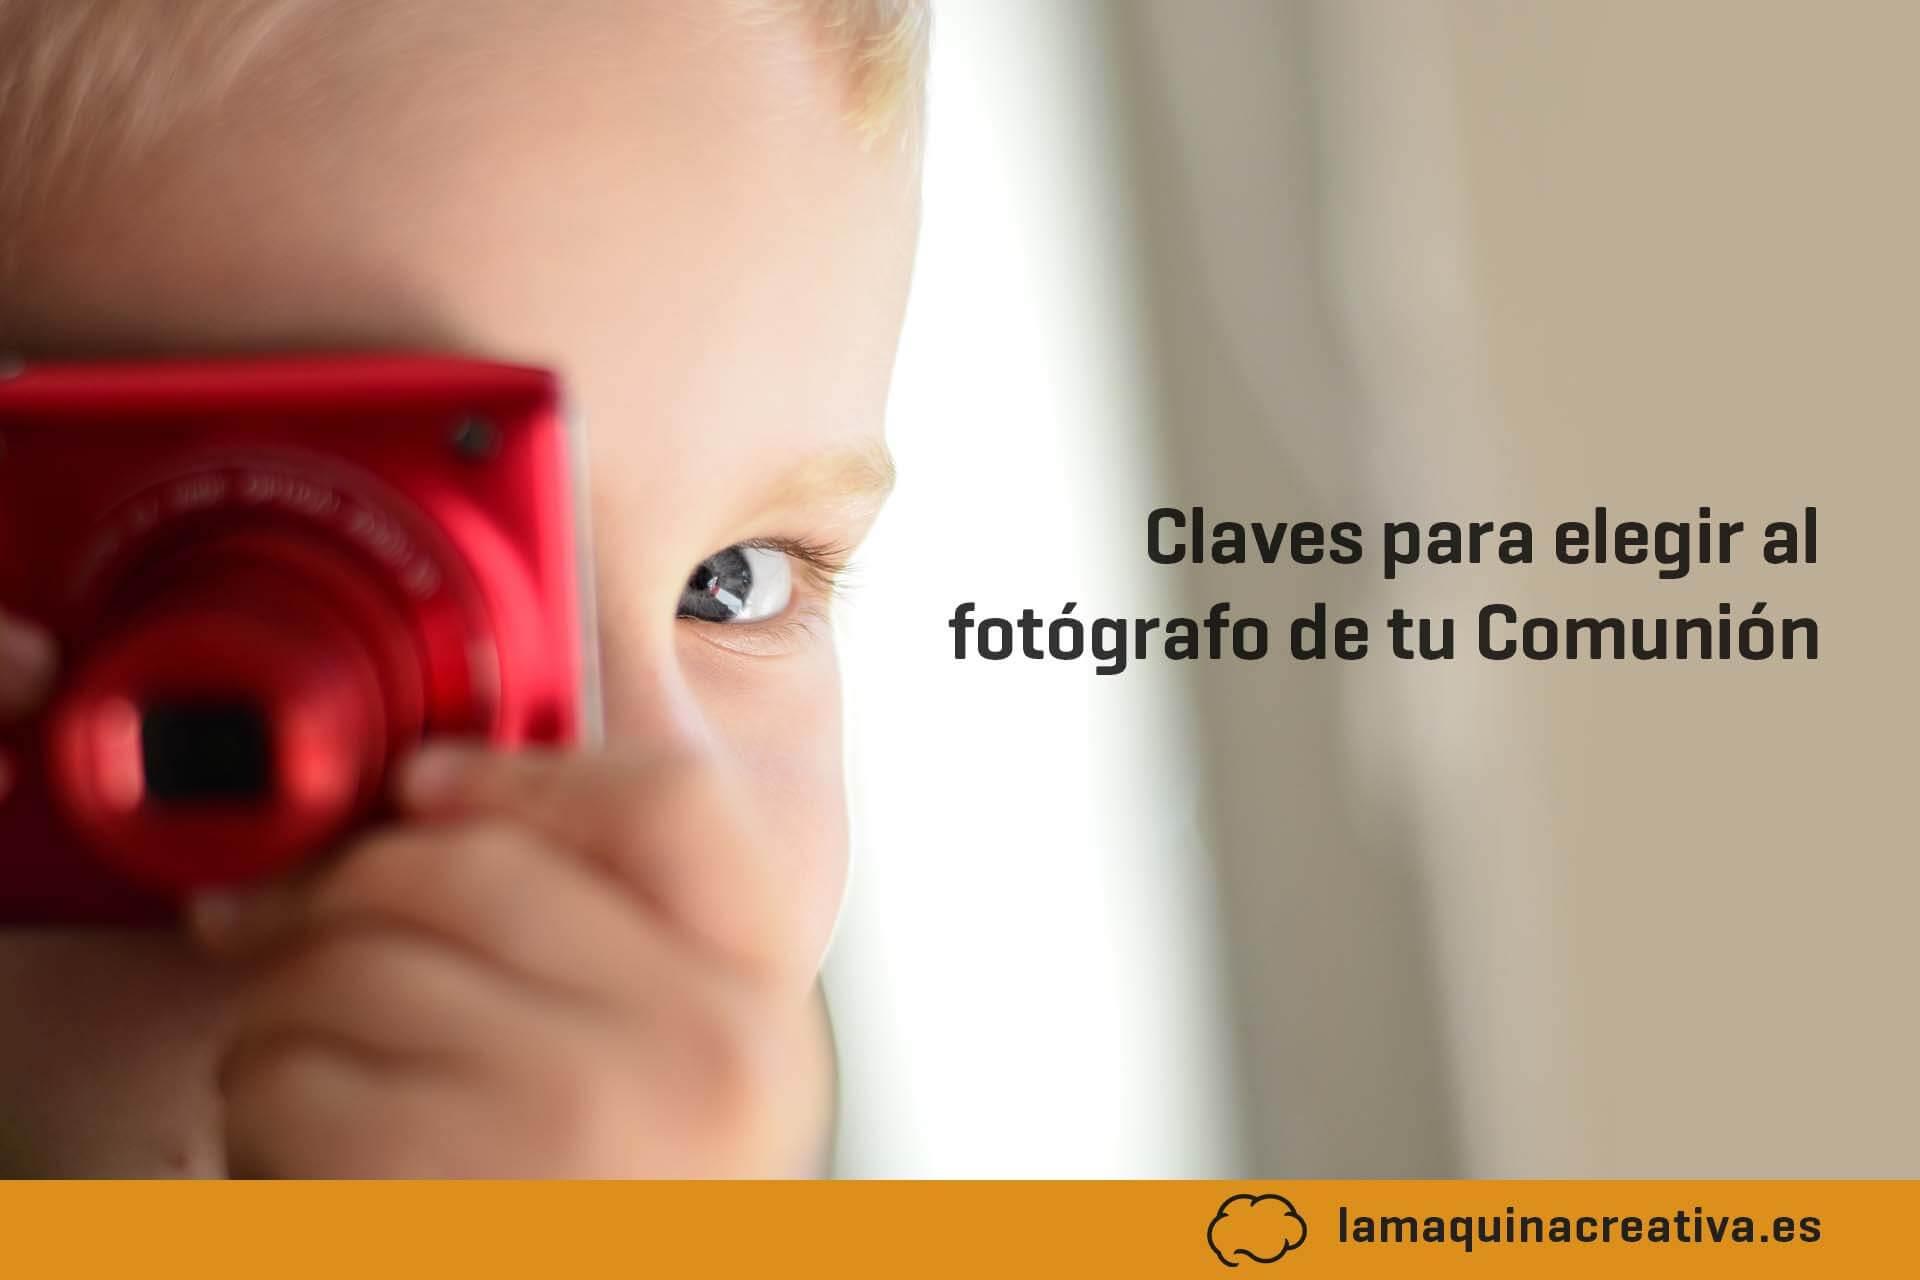 Claves para elegir fotógrafo de comunión